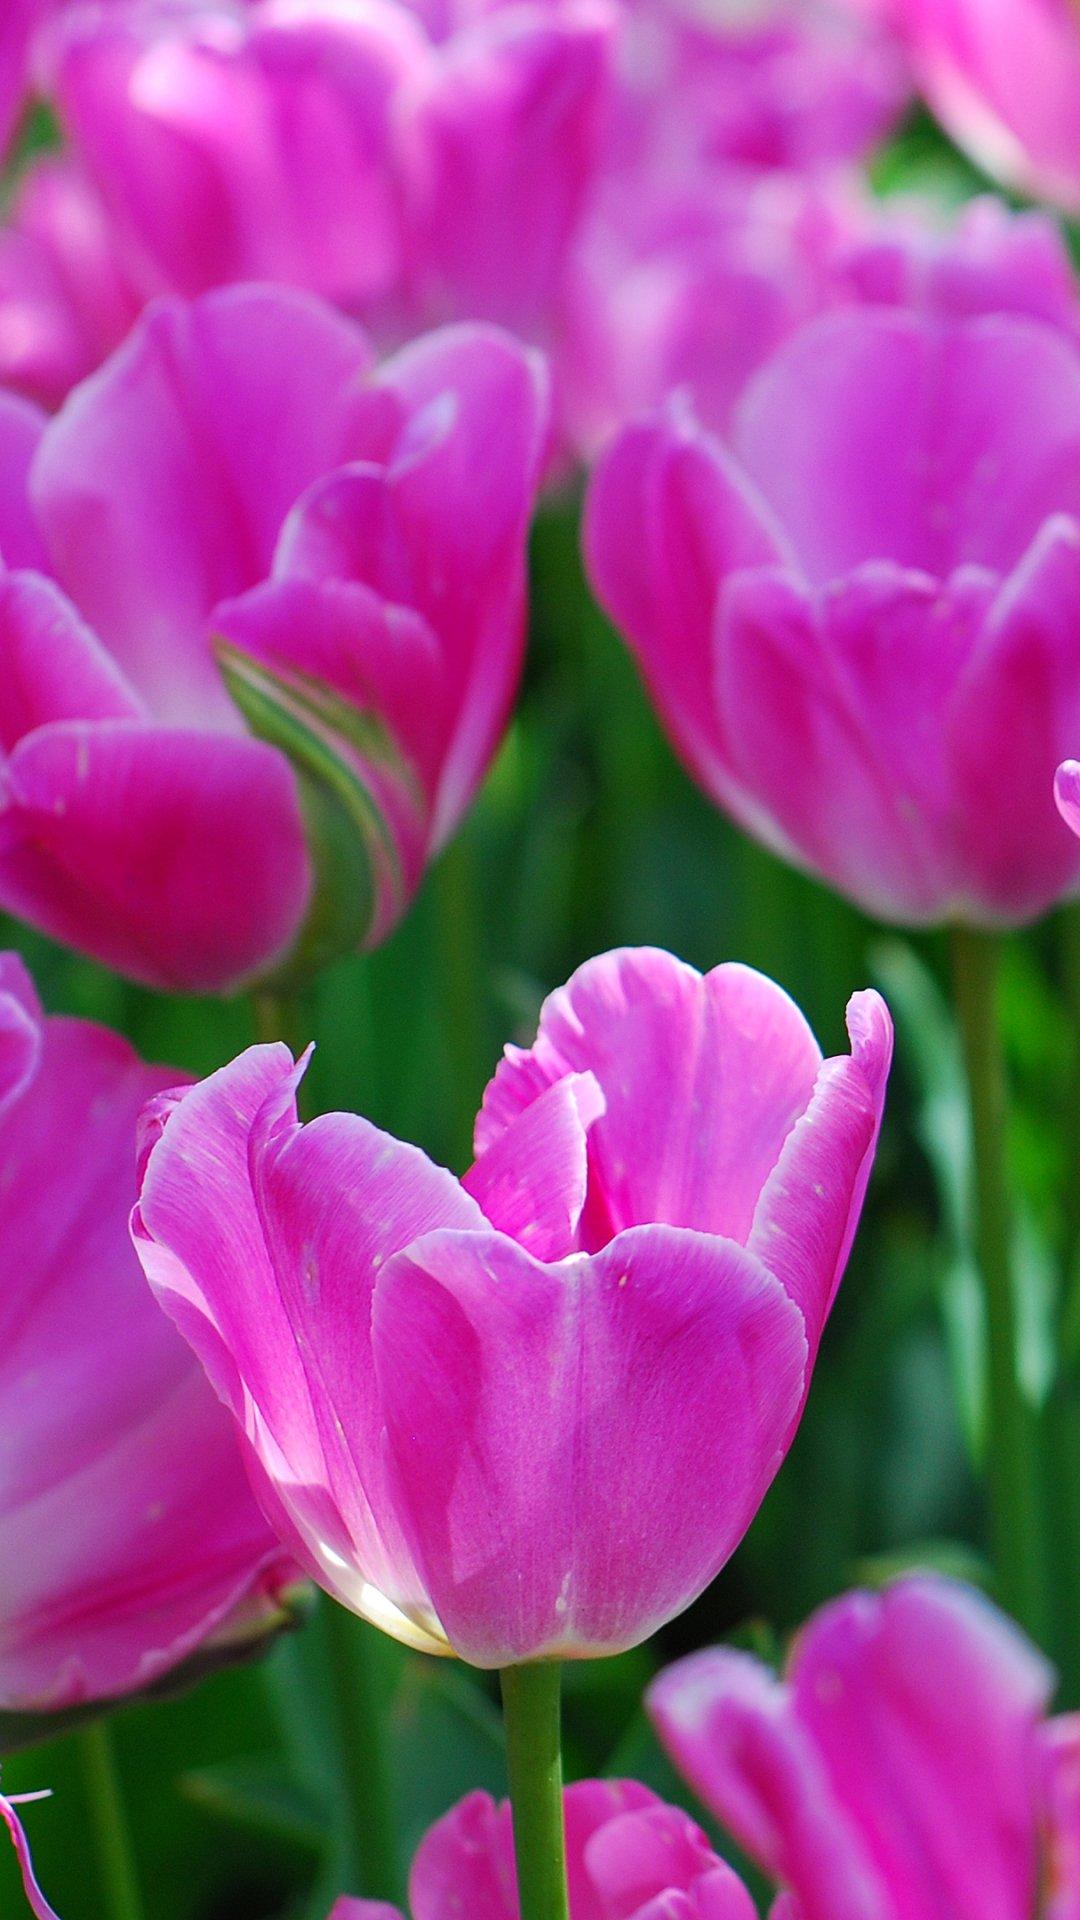 hình nền hoa tulip9